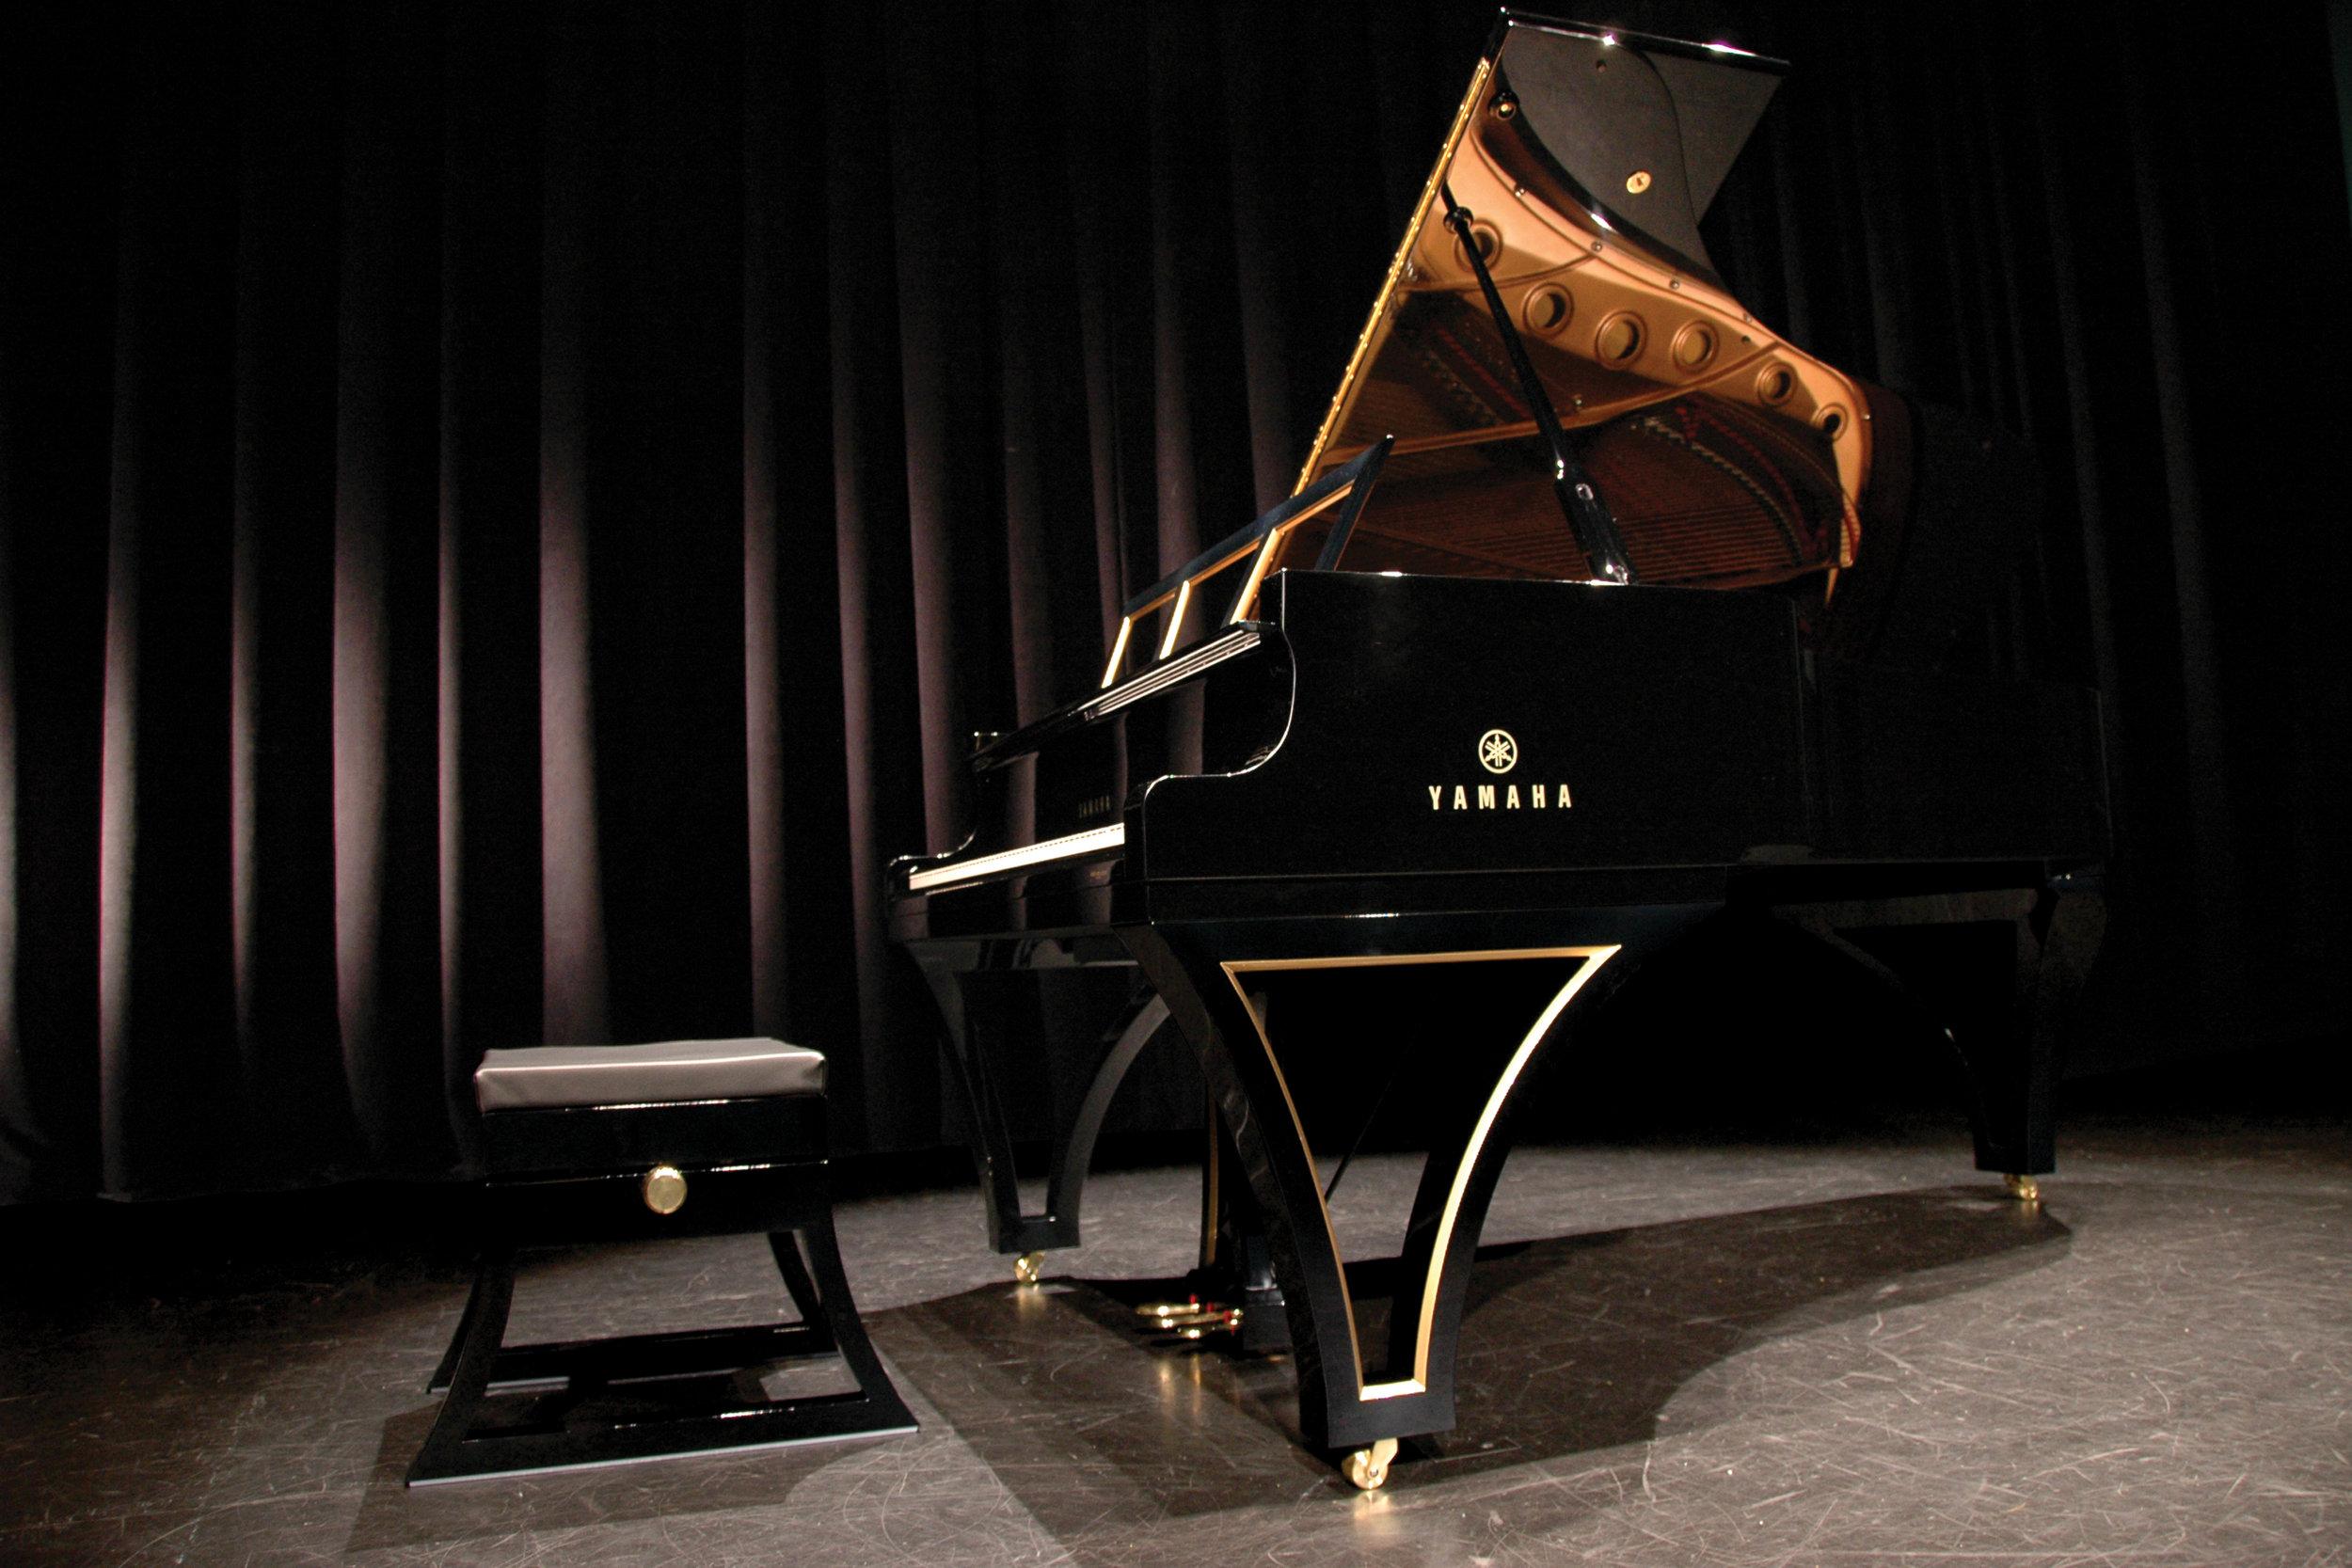 Custom-piano-yamaha-royal-ebony-jelliottco-j-elliott-co.JPG